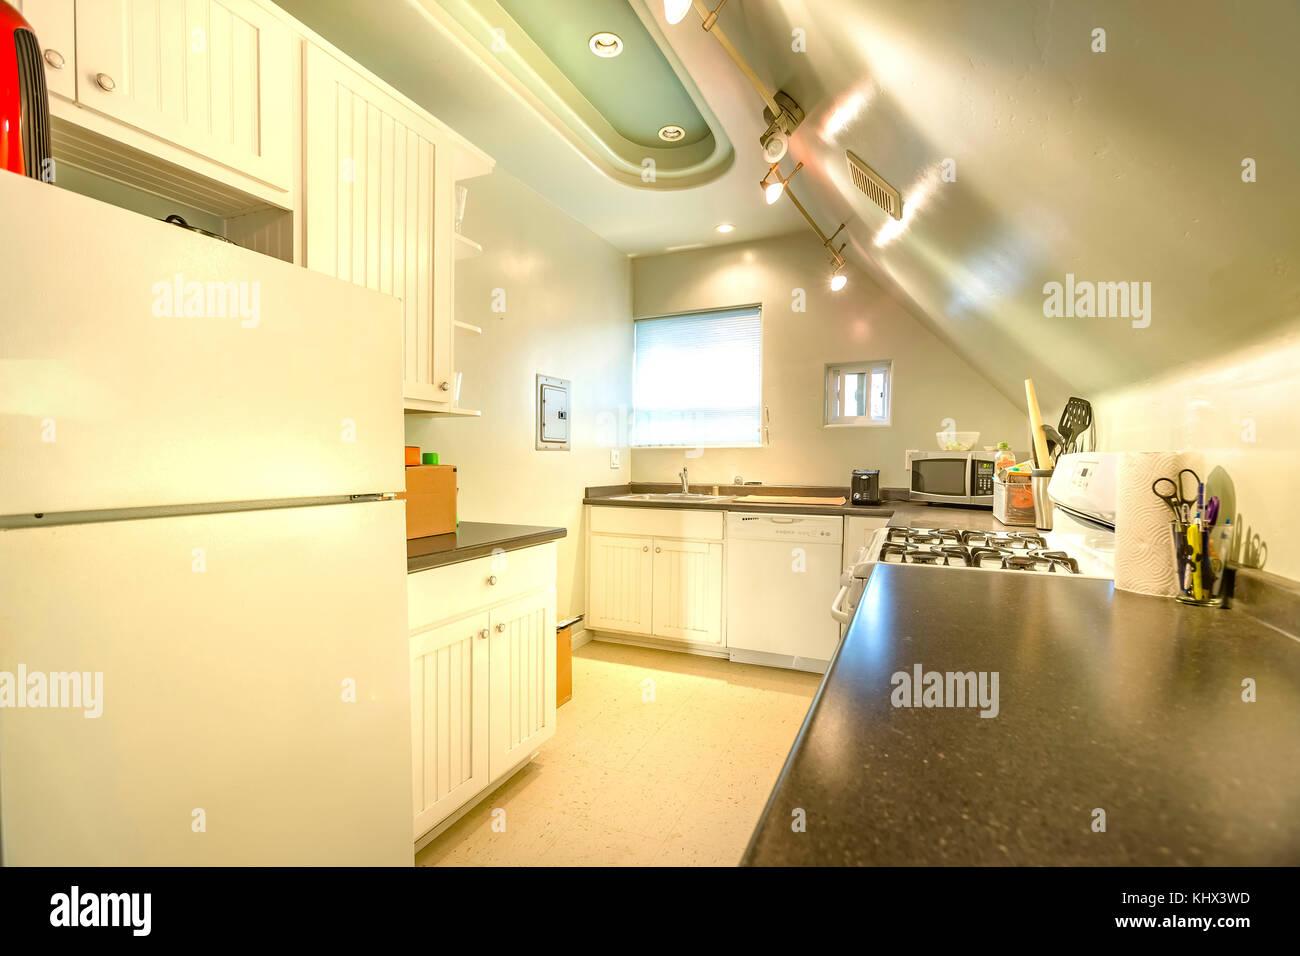 Helle, offene und warme Küche mit gewölbter Decke und diverse ...